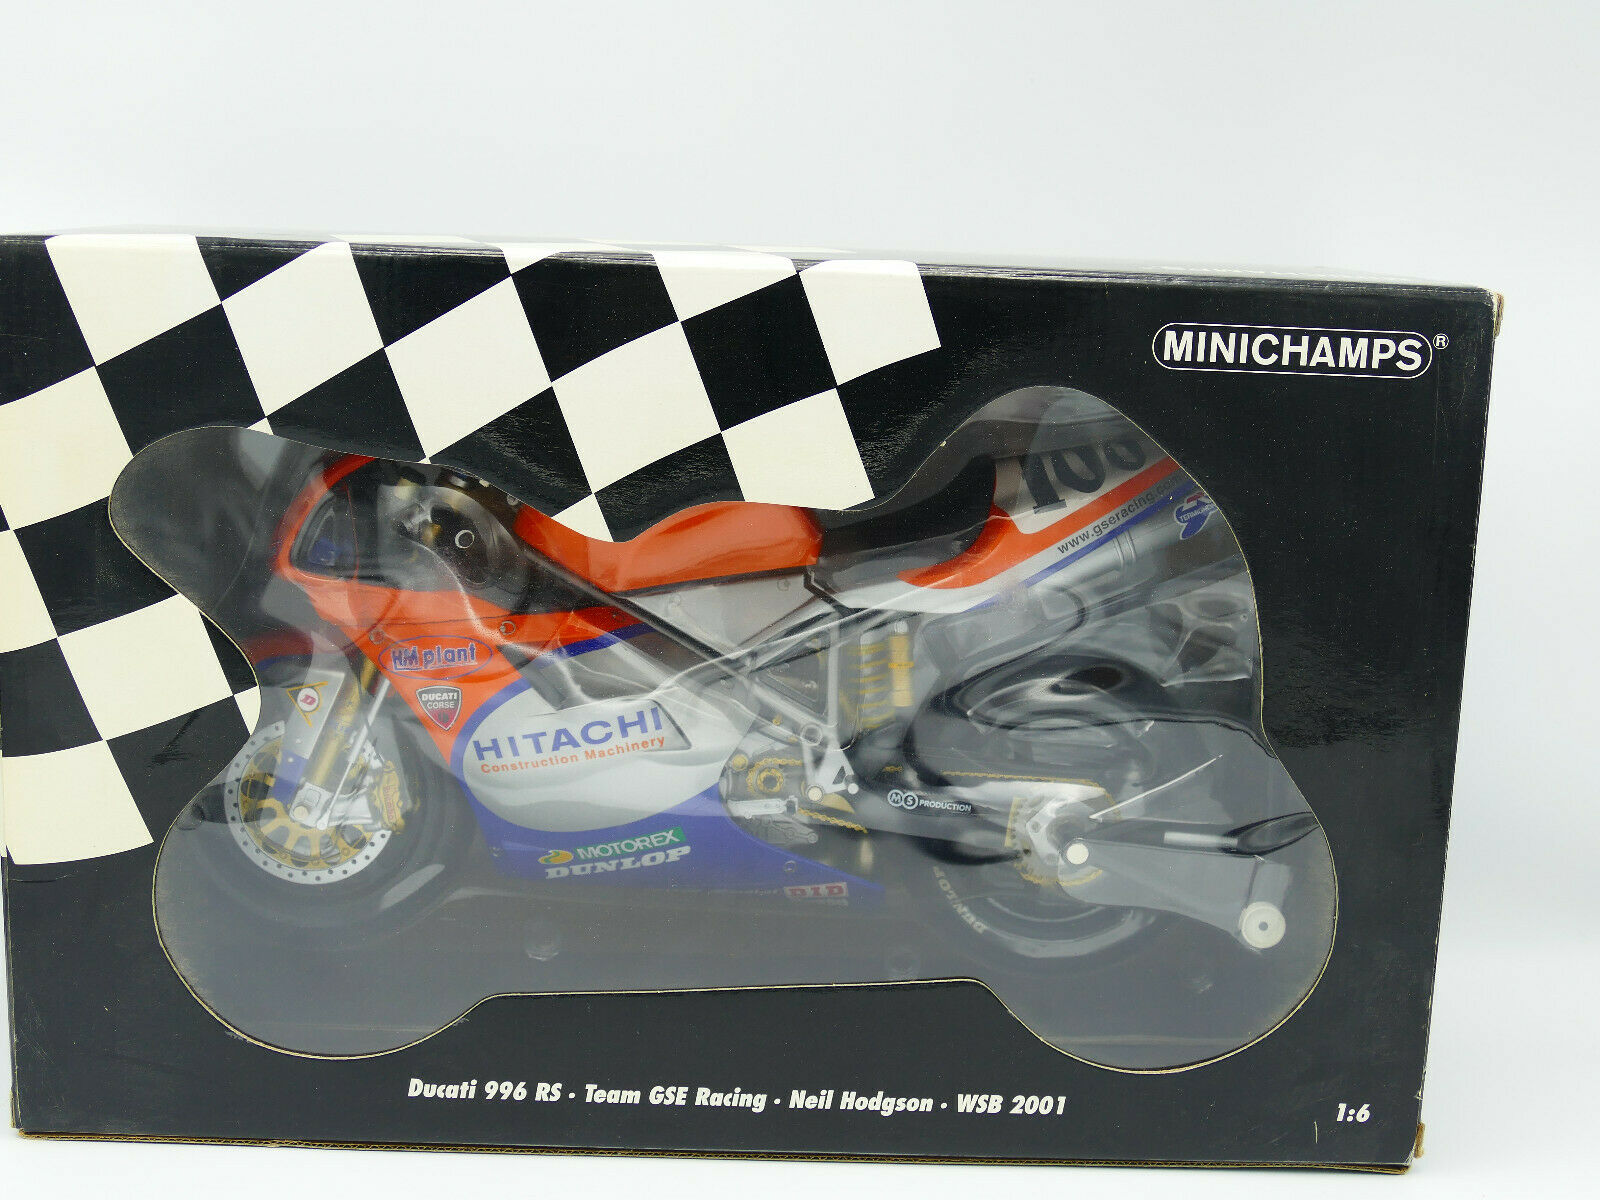 MINICHAMPS DUCATI 996 RS TEAM GSE Neil Hodgson WSB 2001-New échelle 1 6